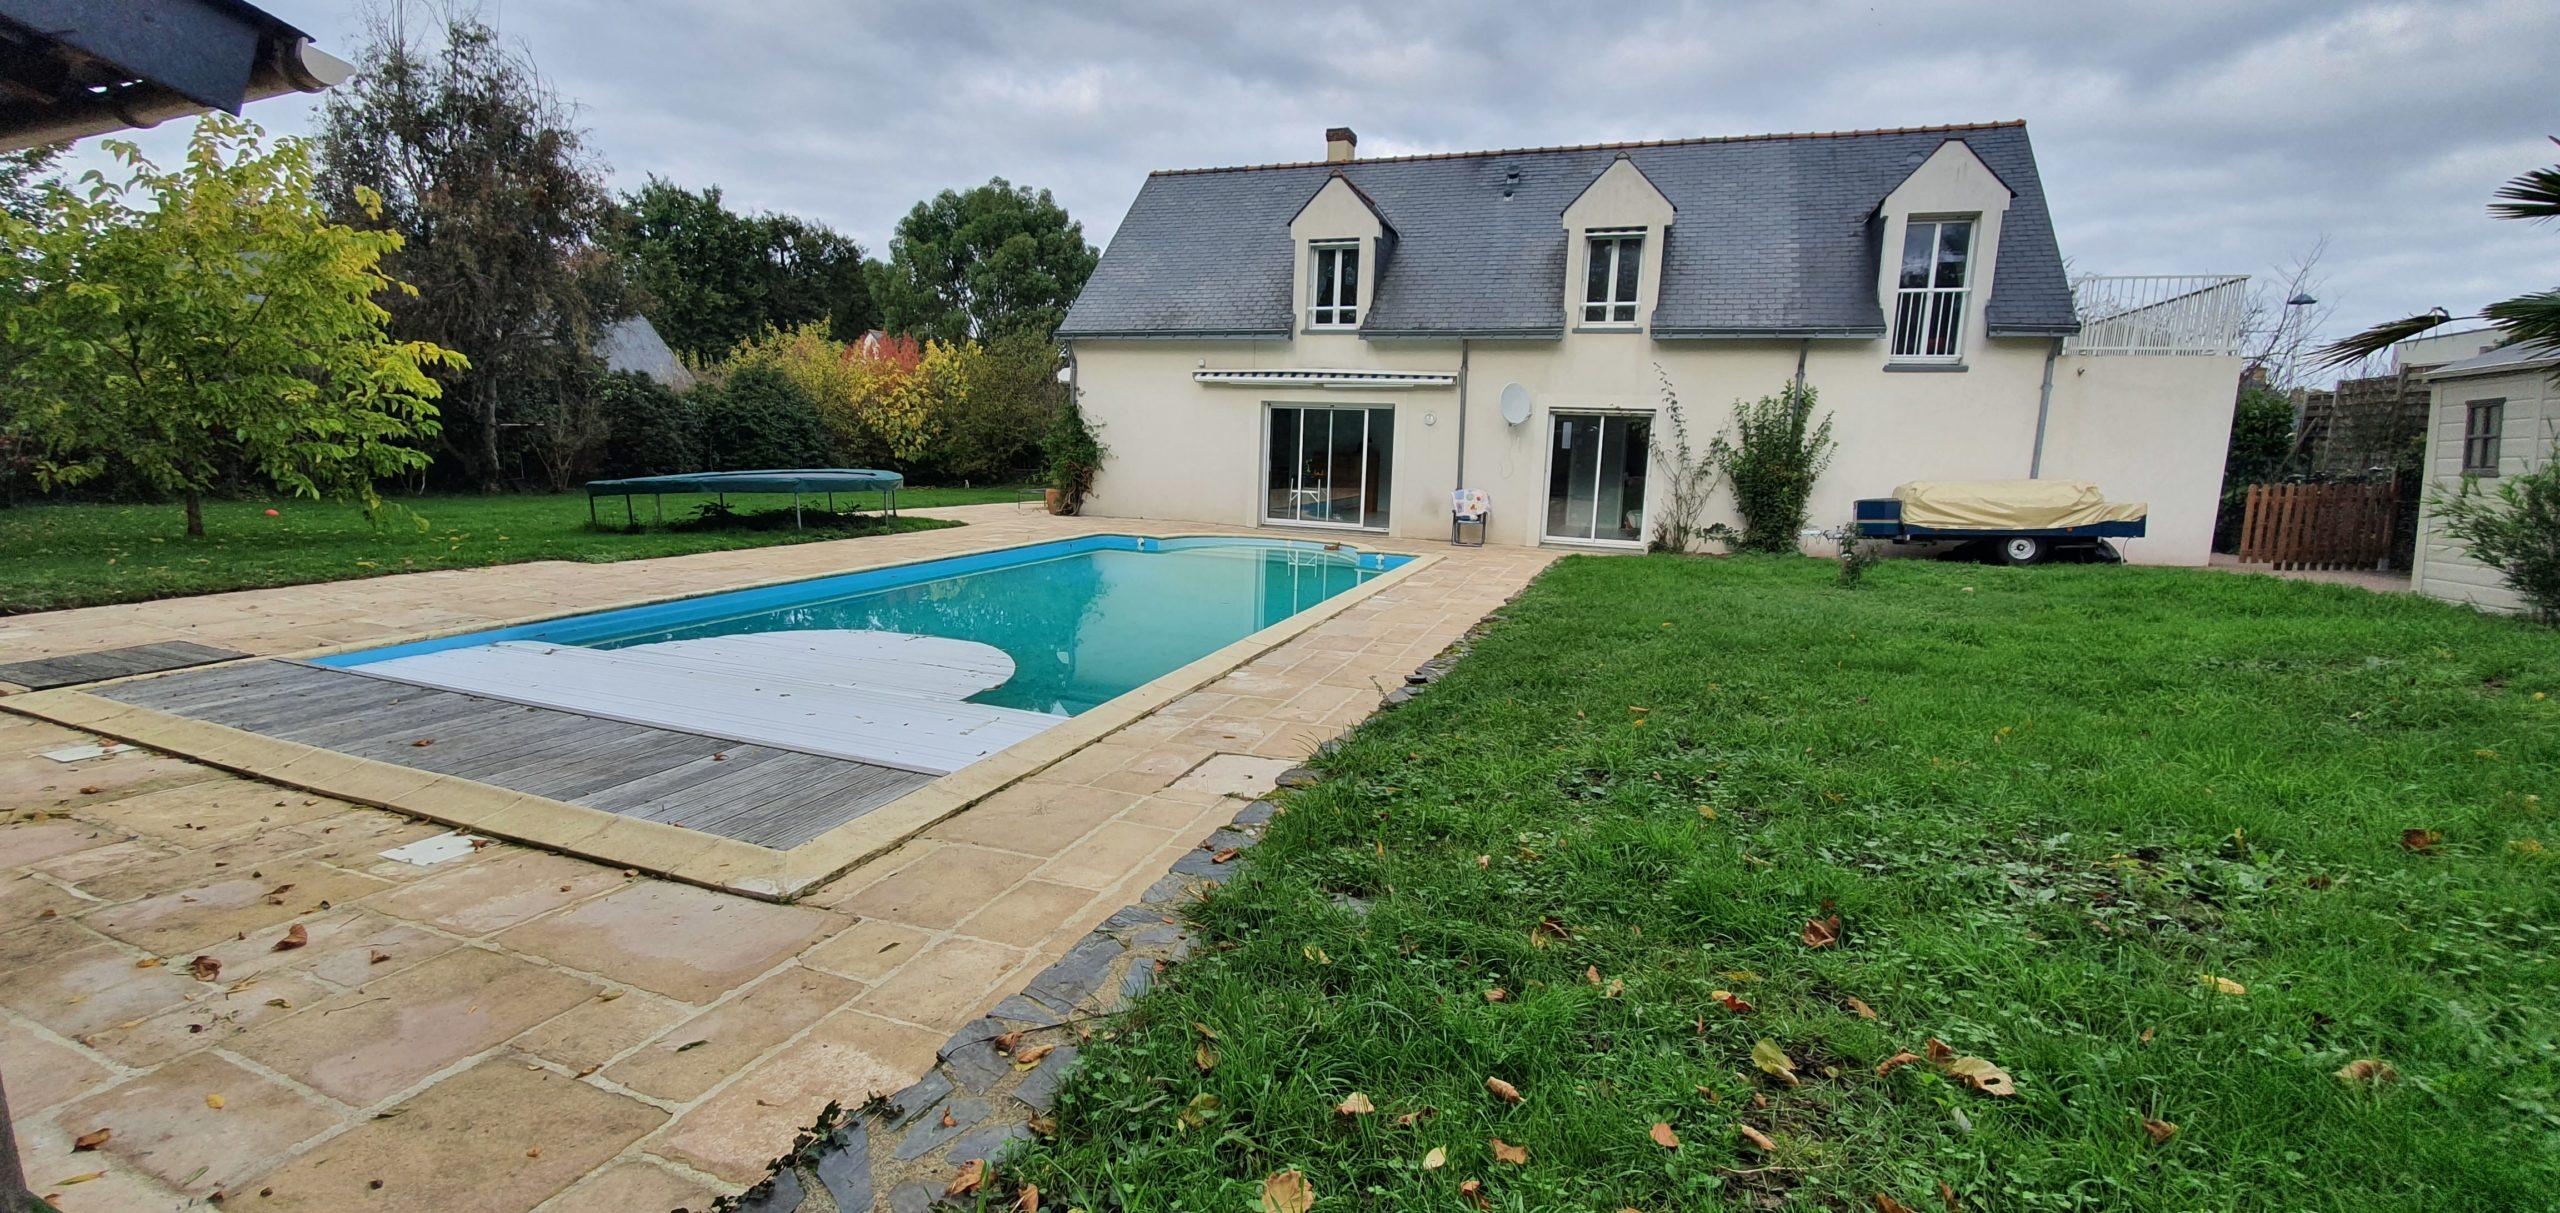 Maison familiale à Juigné-sur-Loire